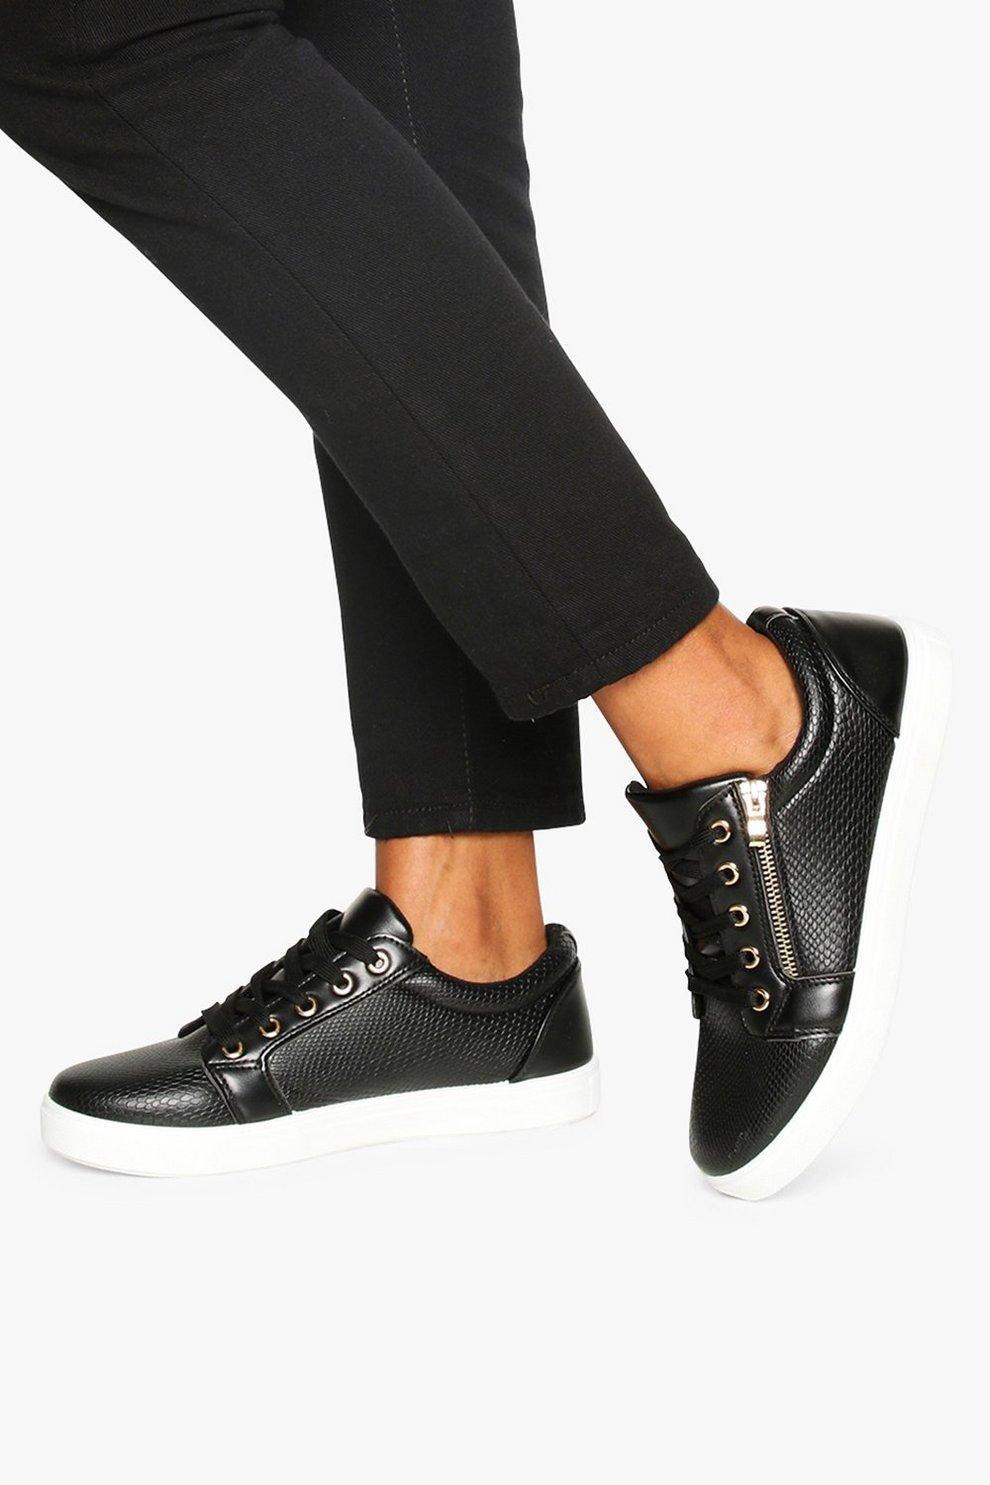 Zapatillas de deporte de imitación de Alice Zip lateral serpiente 69tTE